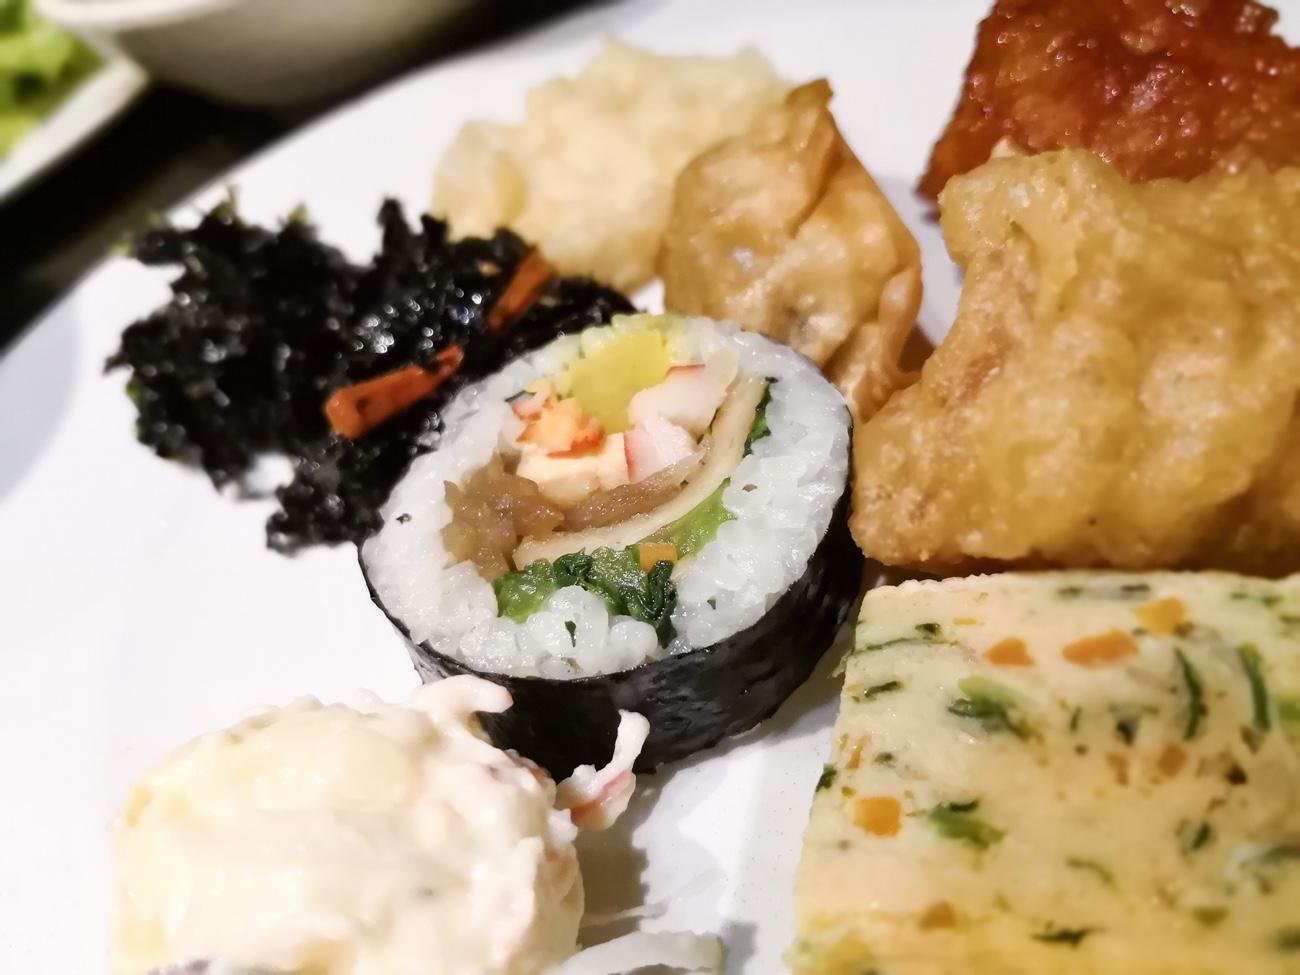 新大久保 韓国料理食べ放題ランチのプングム ブログレポート